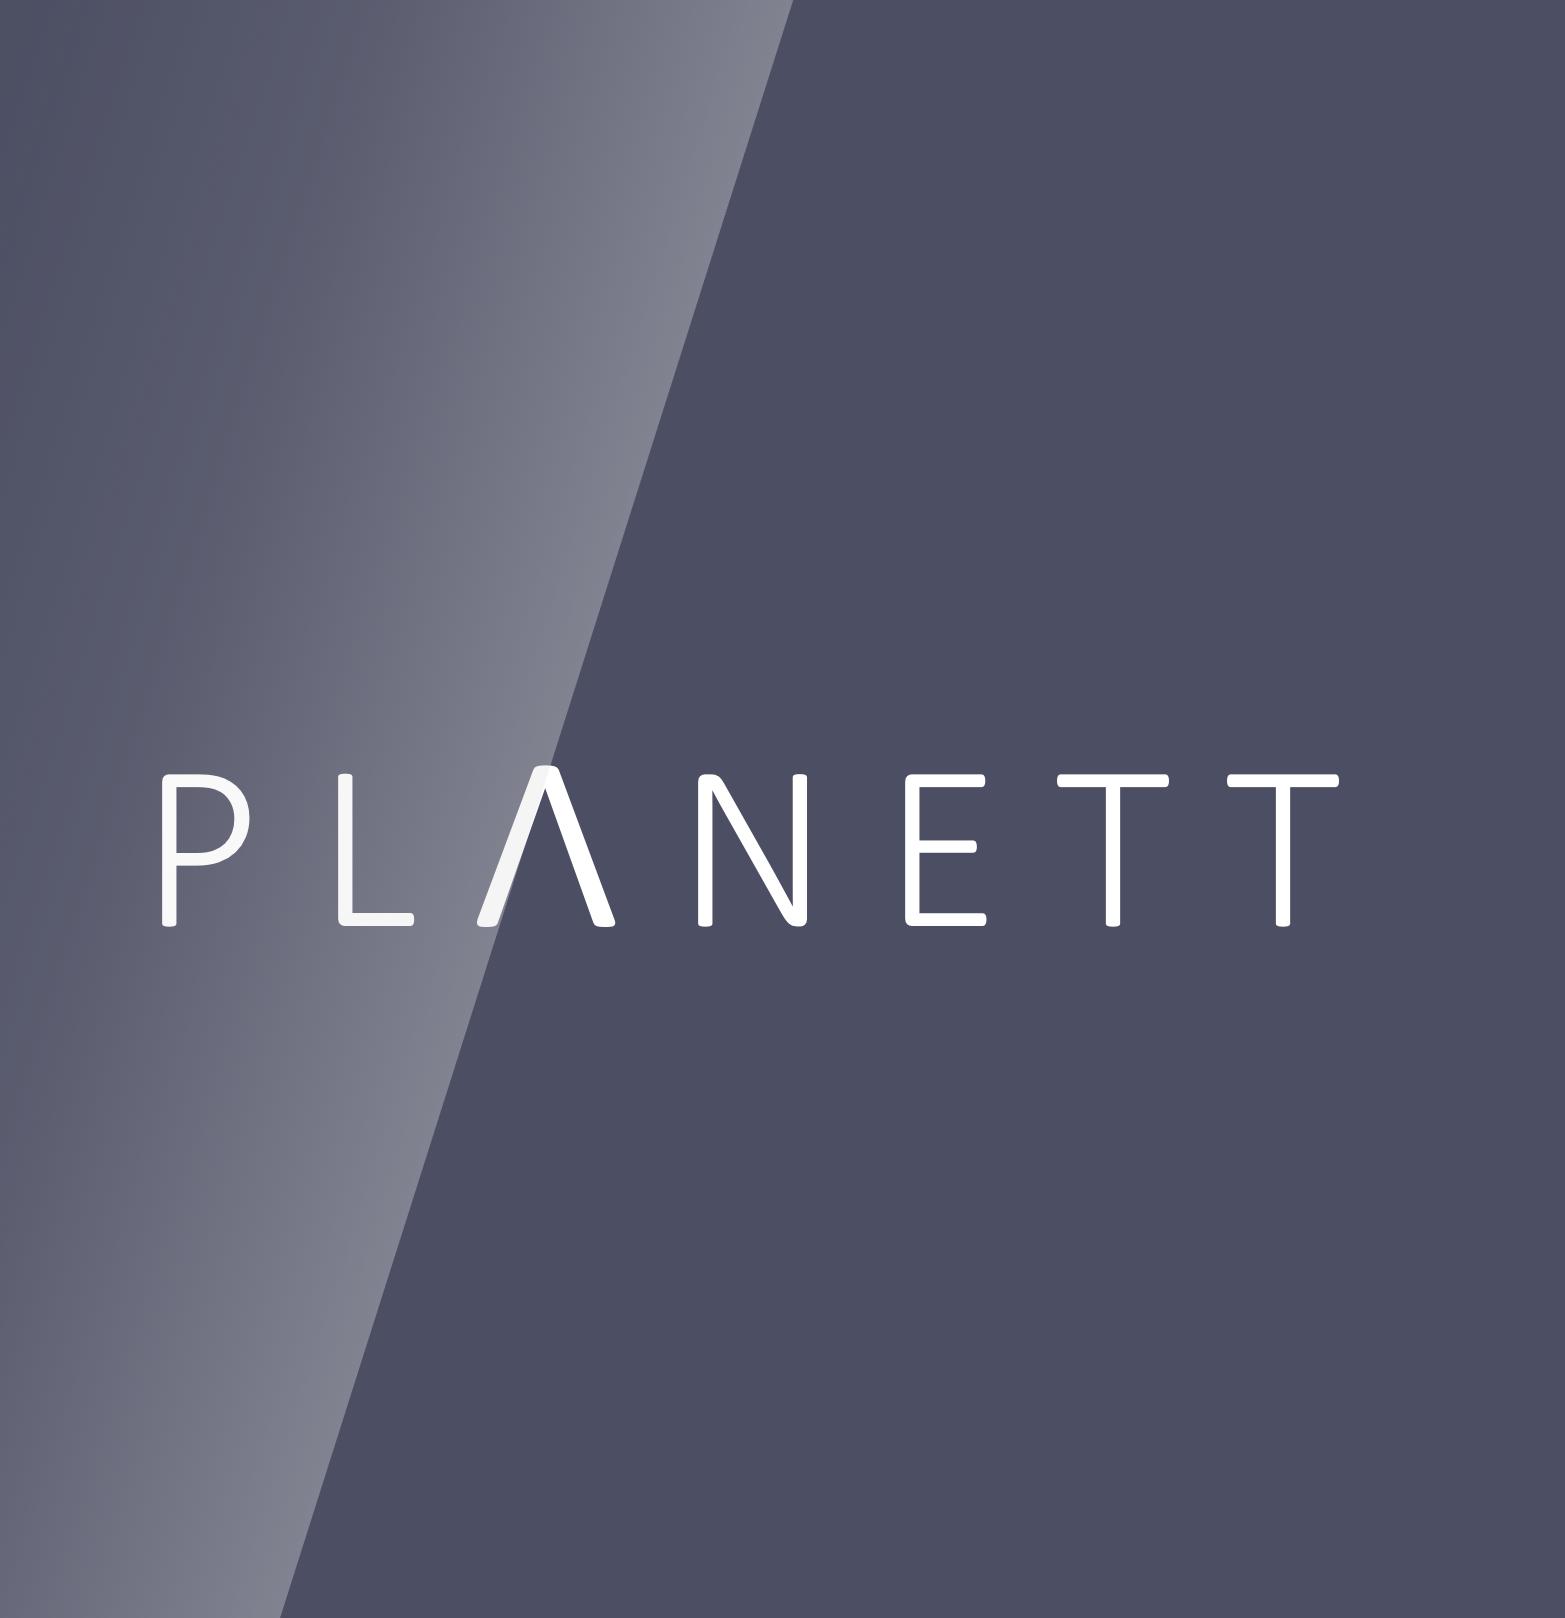 Planett